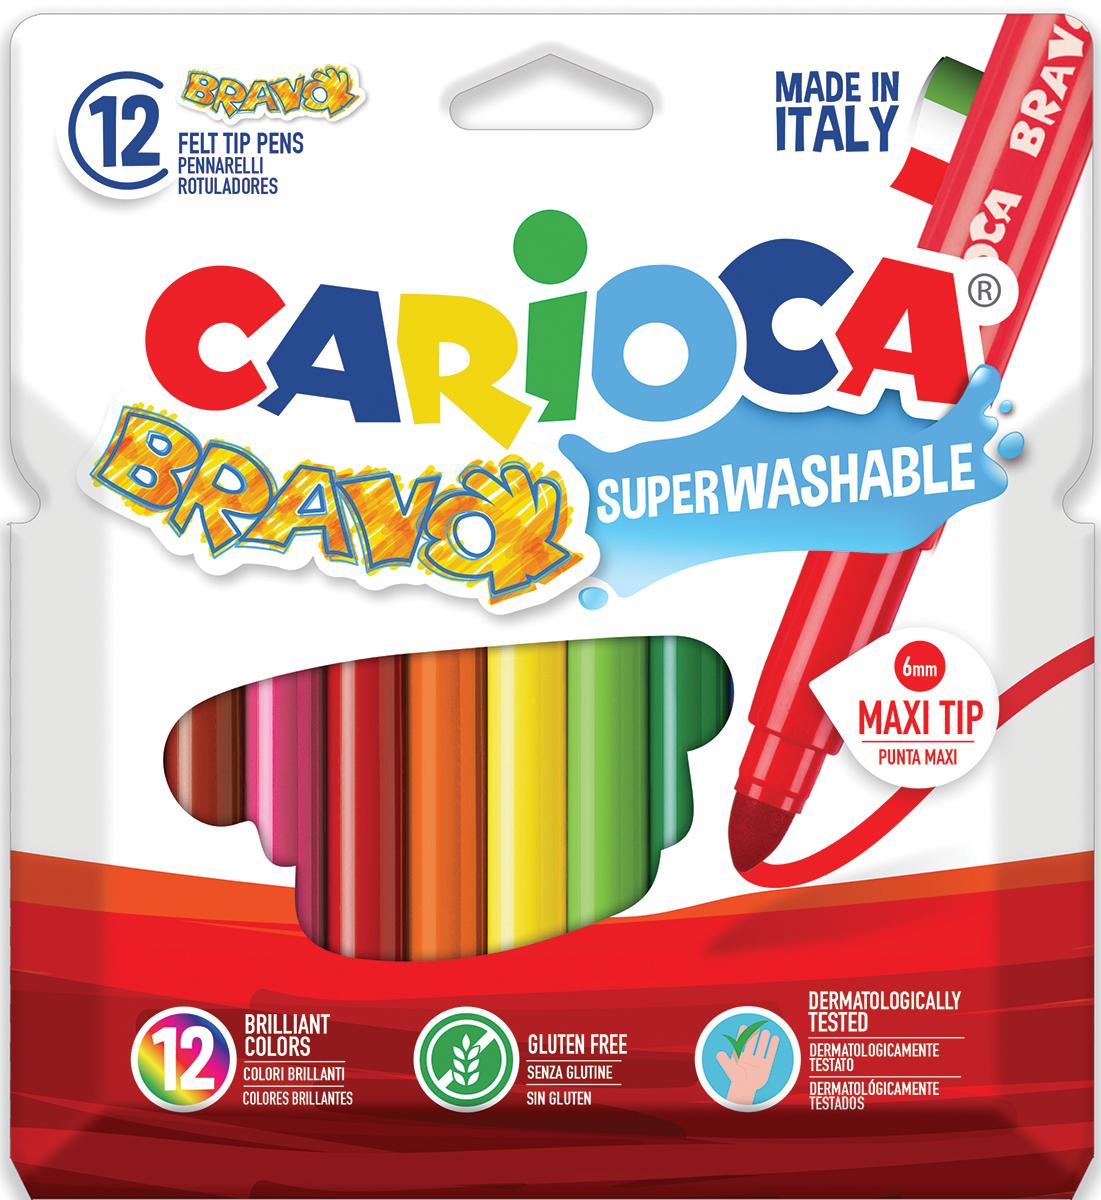 Carioca Набор фломастеров Bravo 12 цветов -  Фломастеры